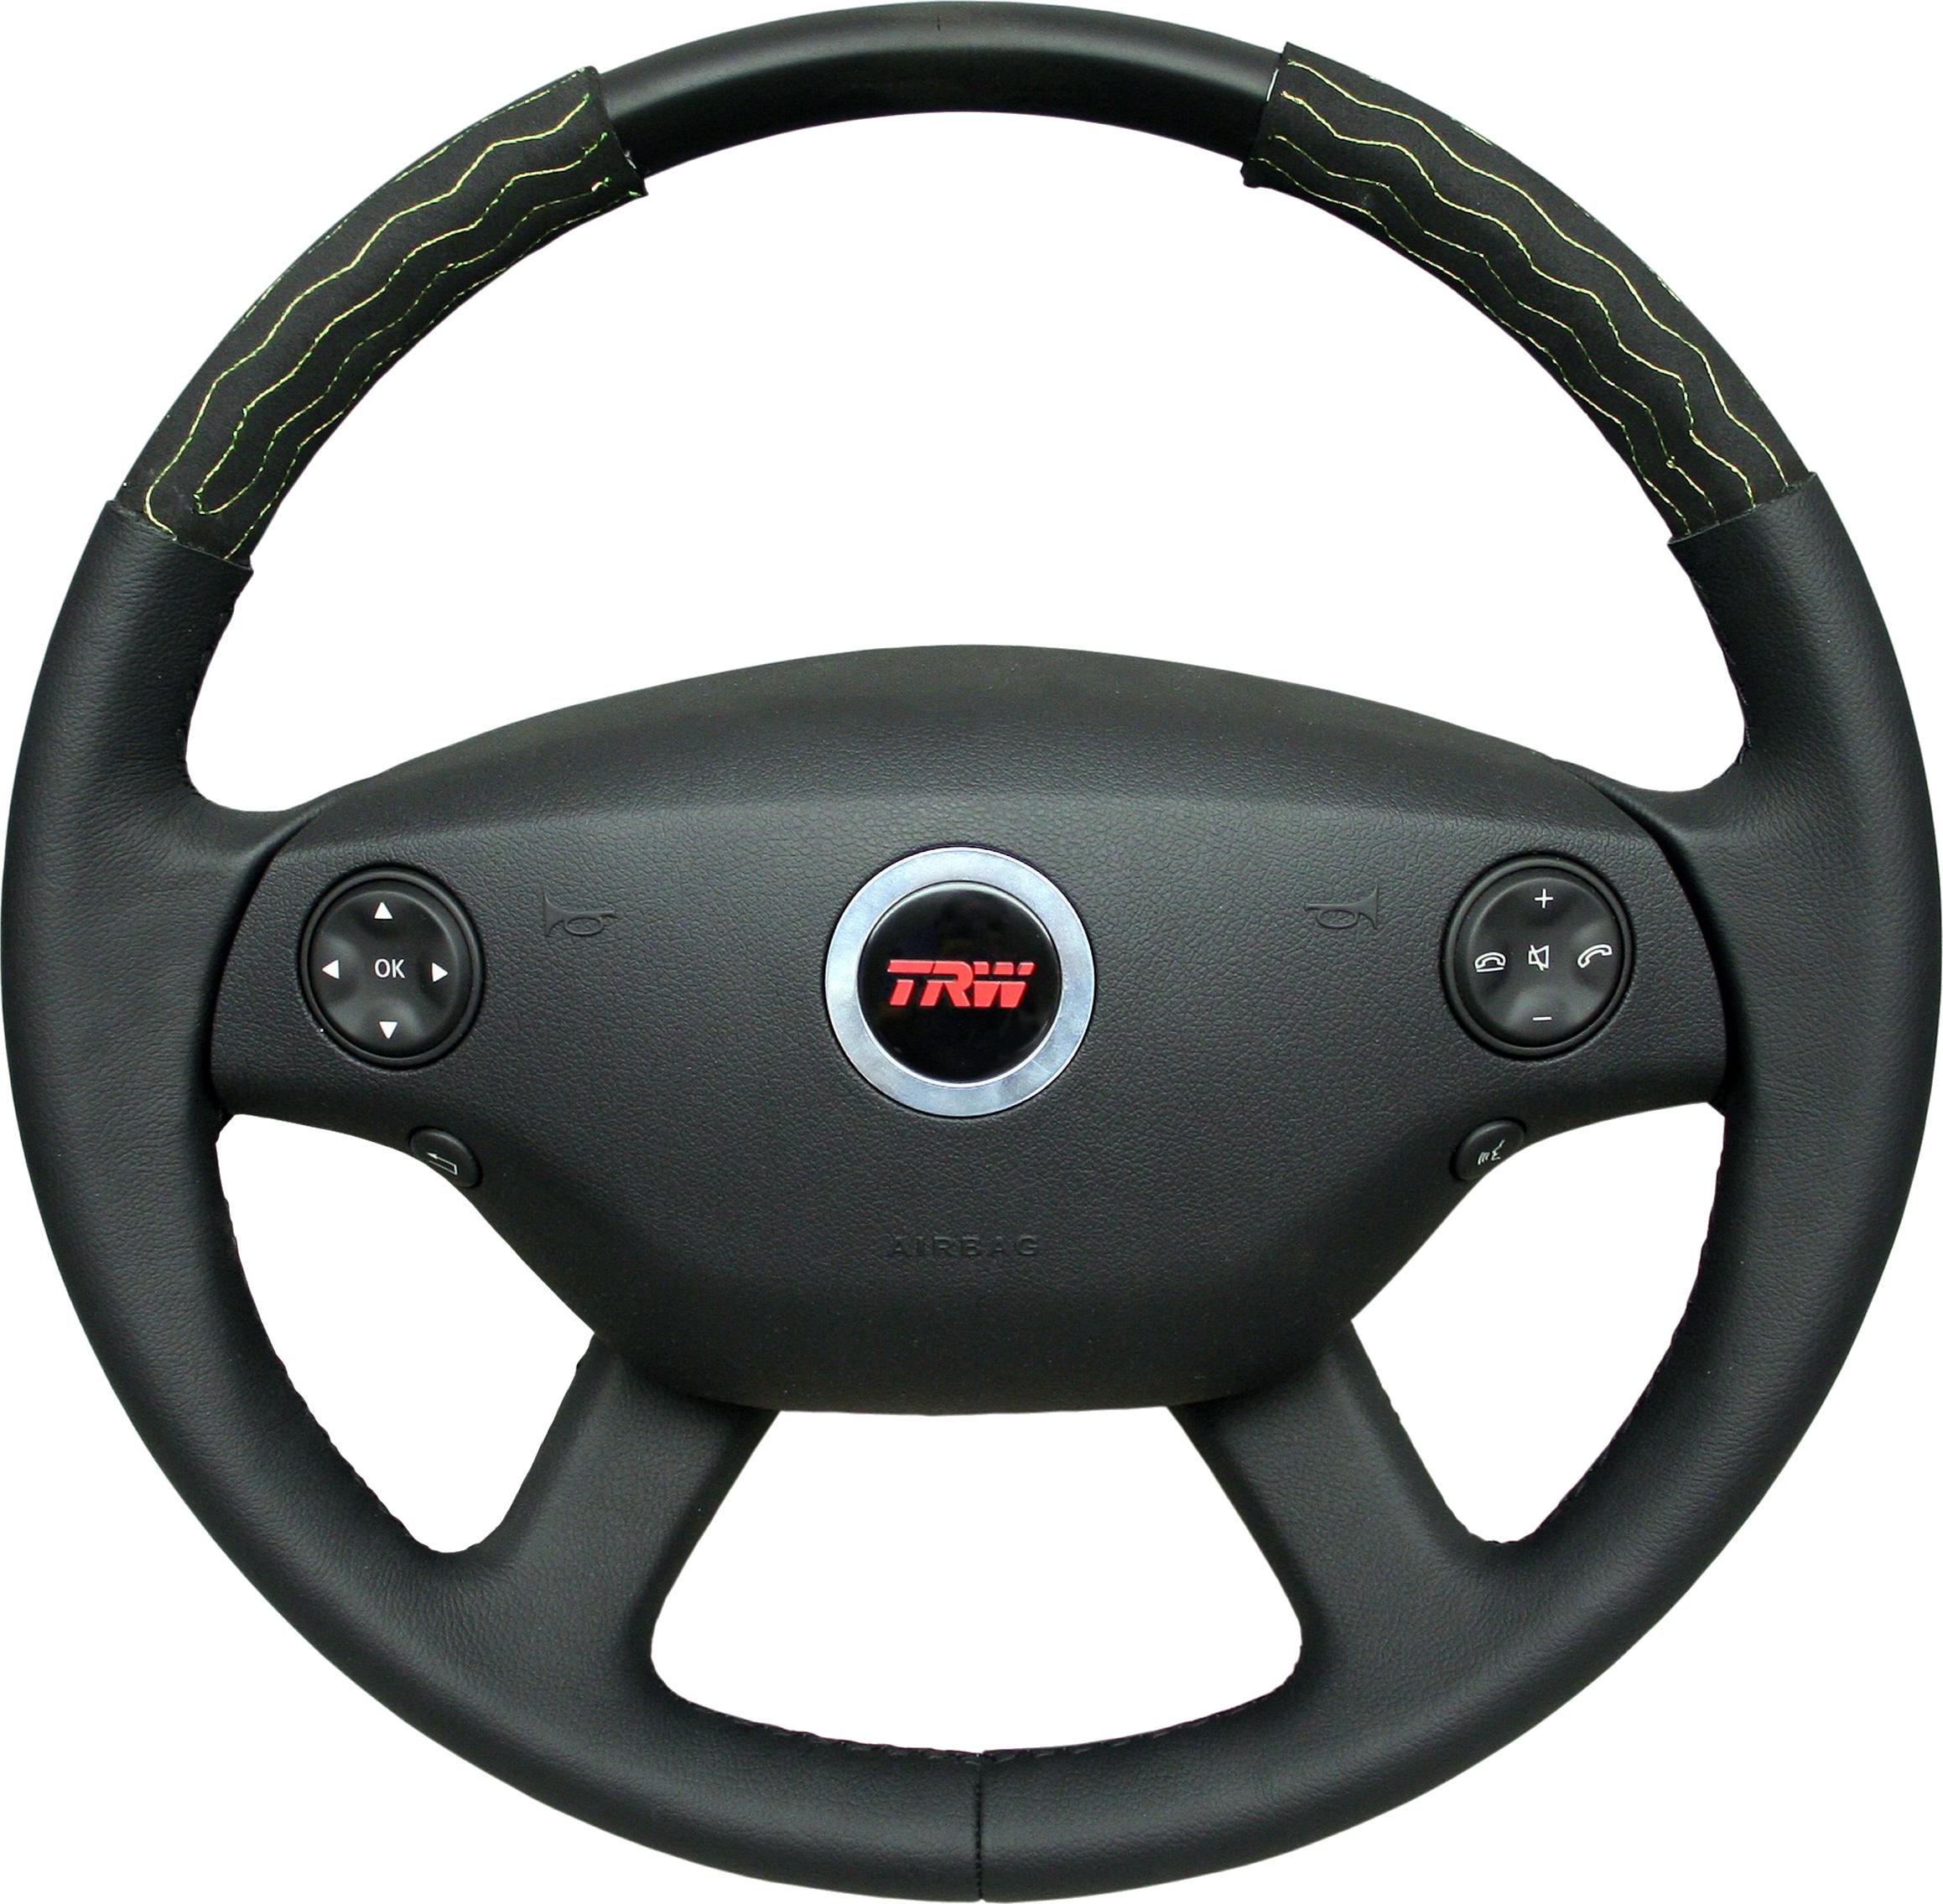 Steering Wheel PNG Image.